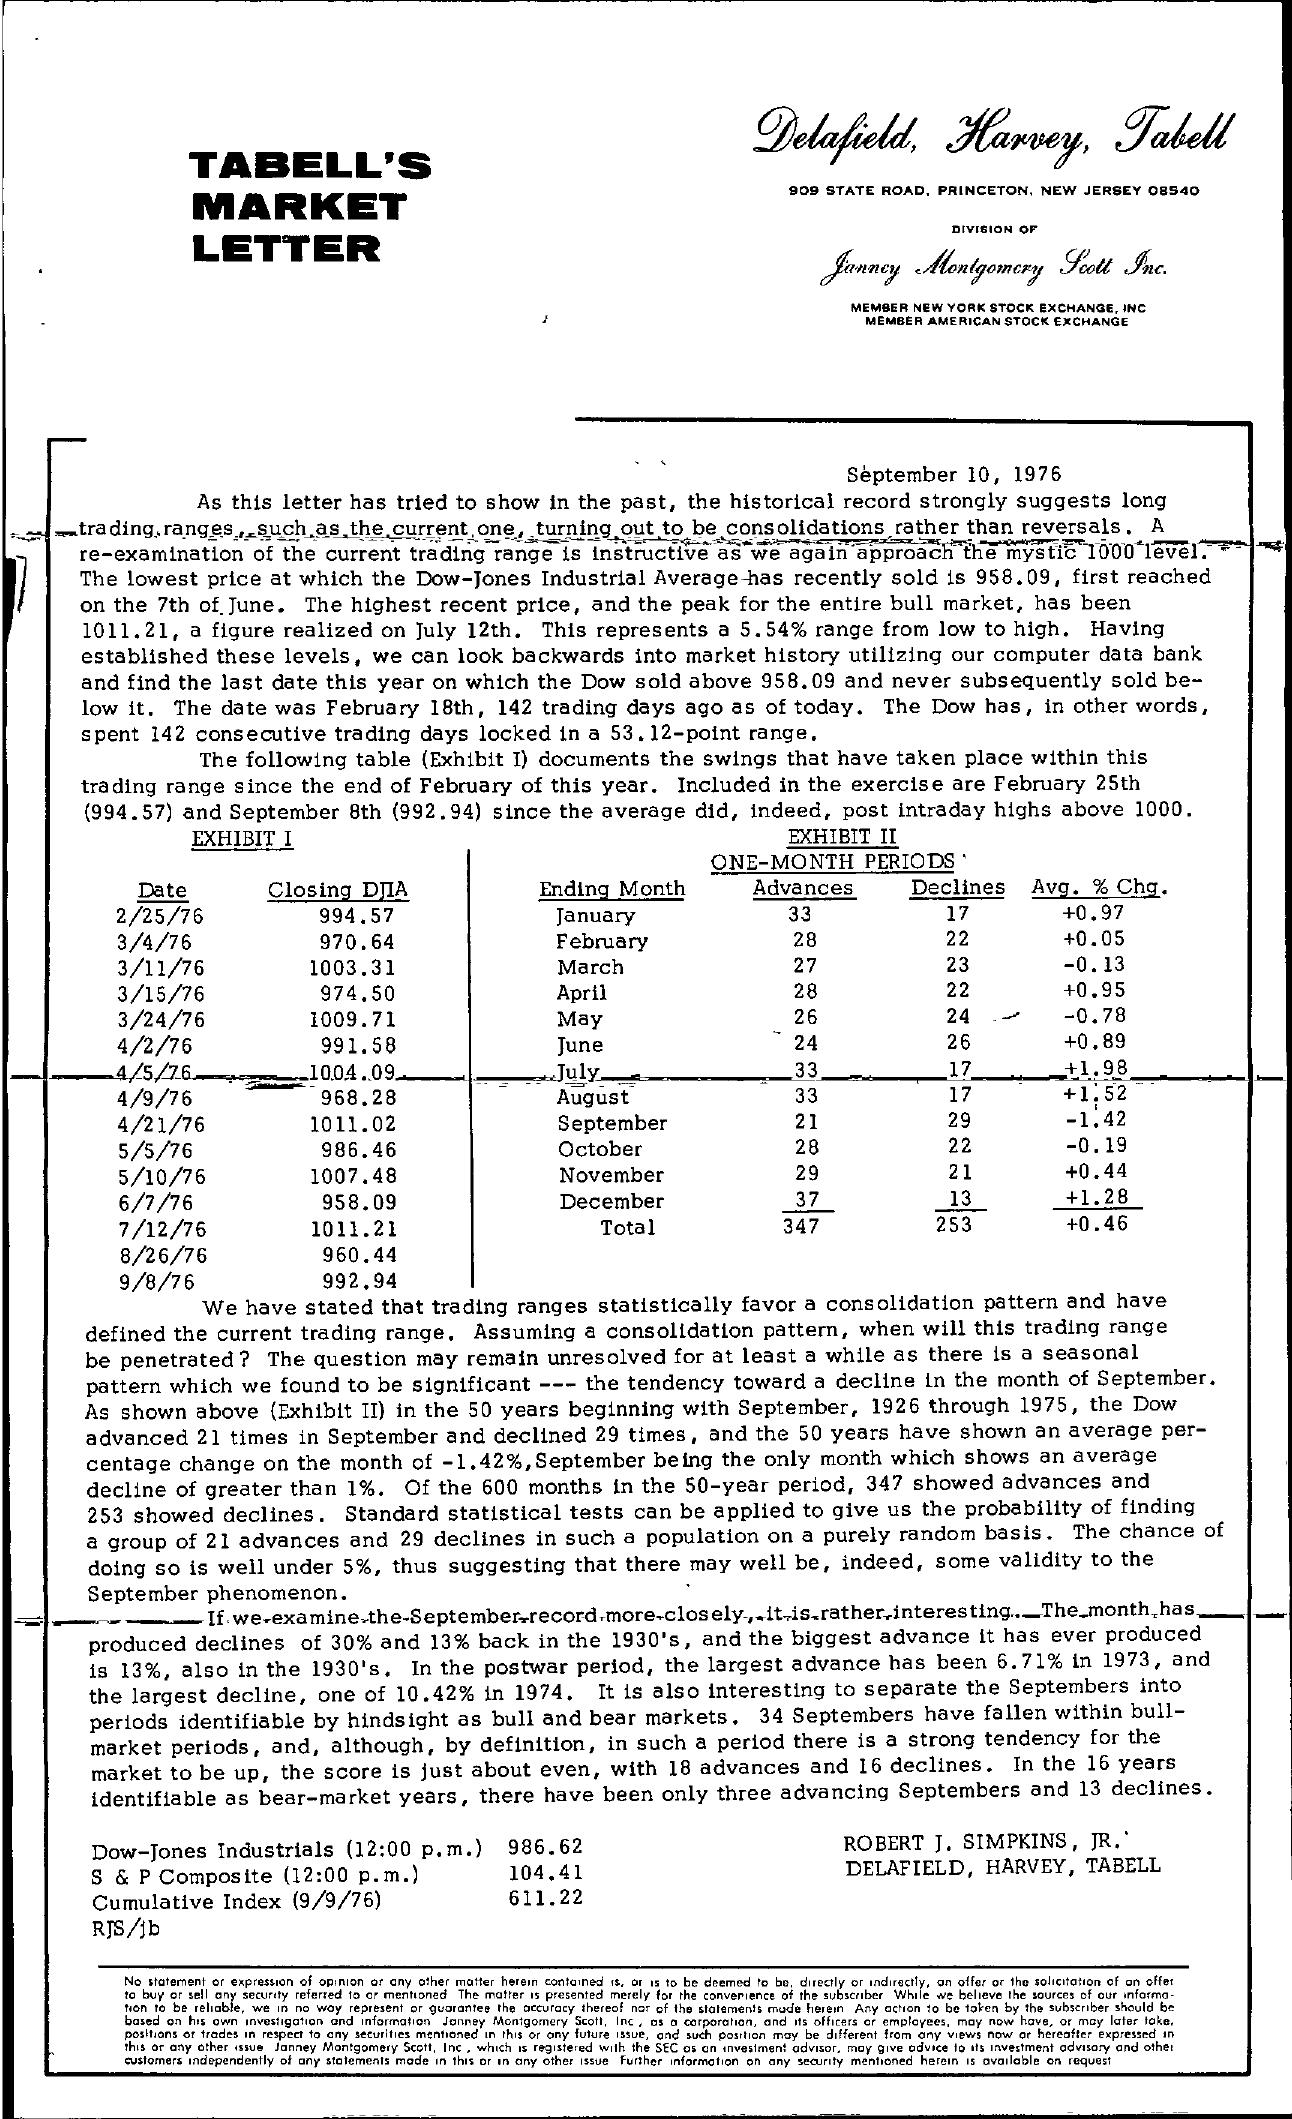 Tabell's Market Letter - September 10, 1976